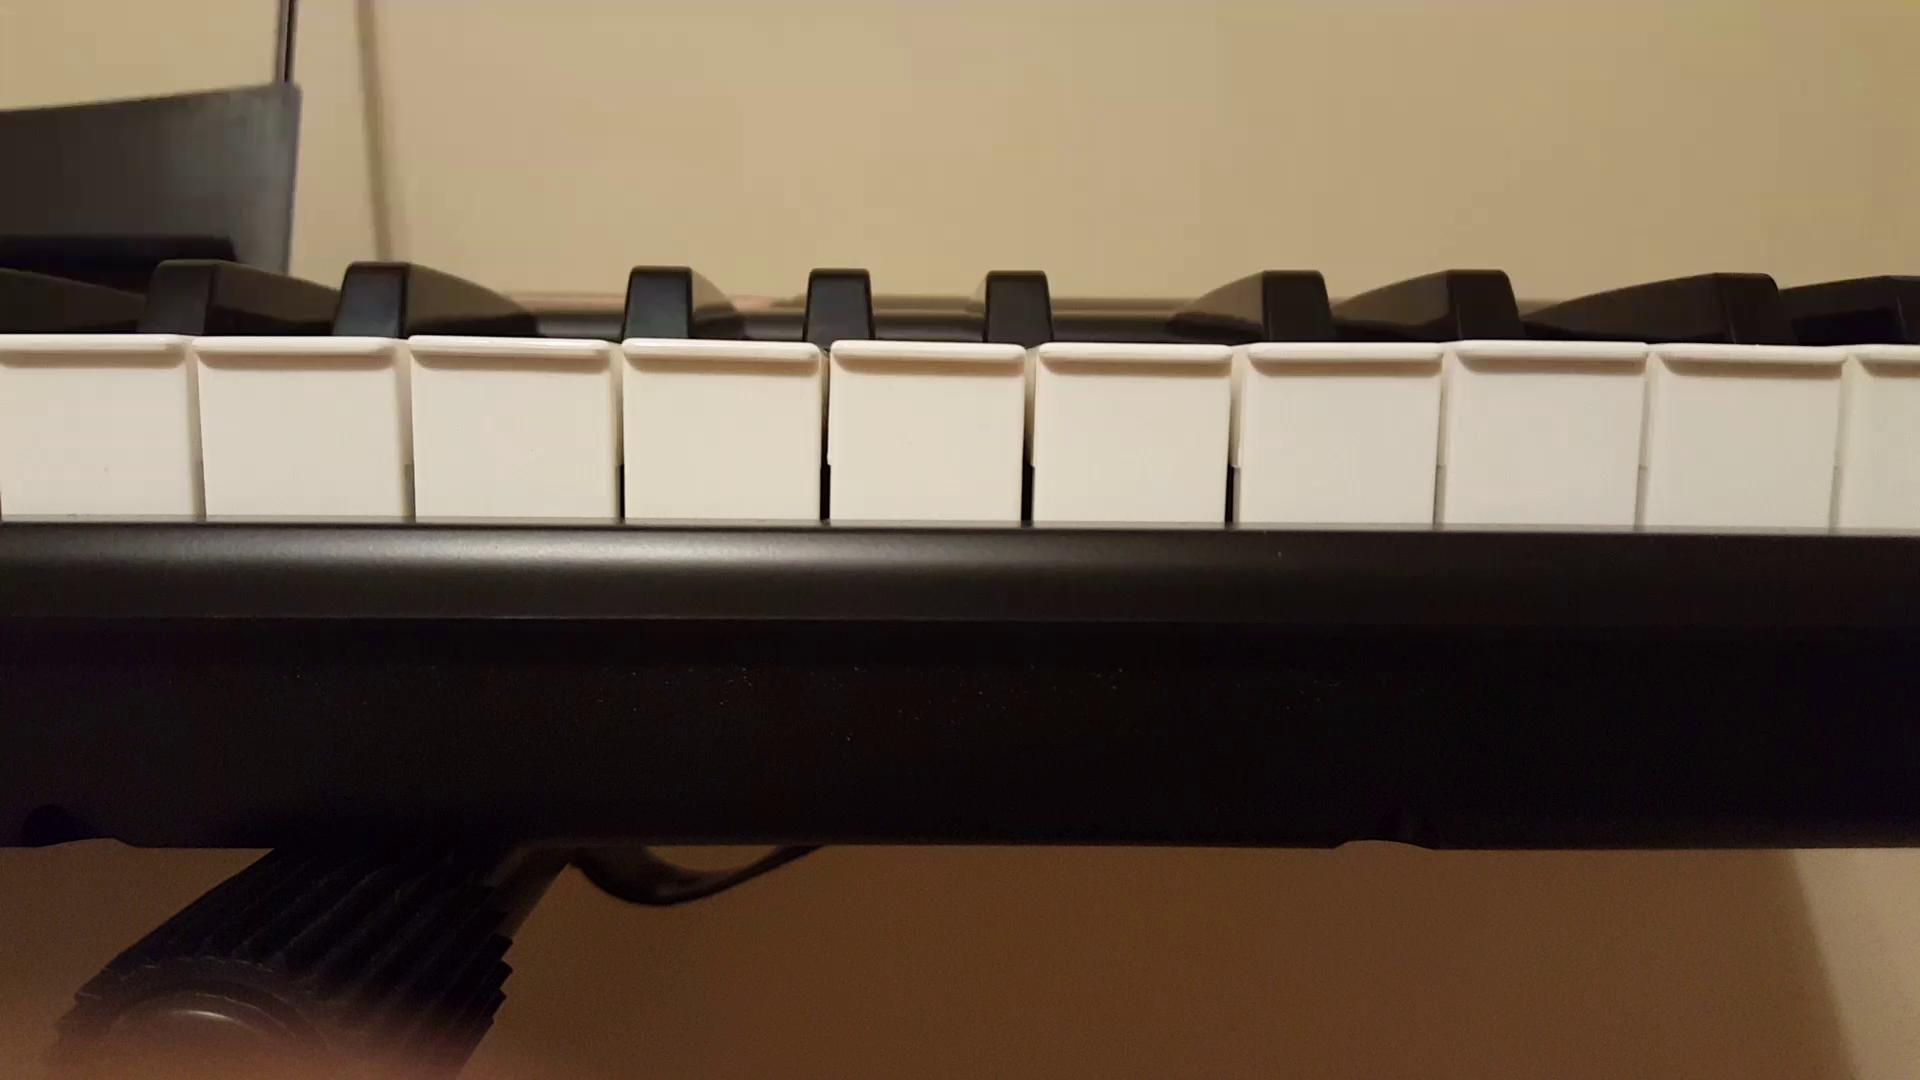 williams legato 88 key digital piano level 2